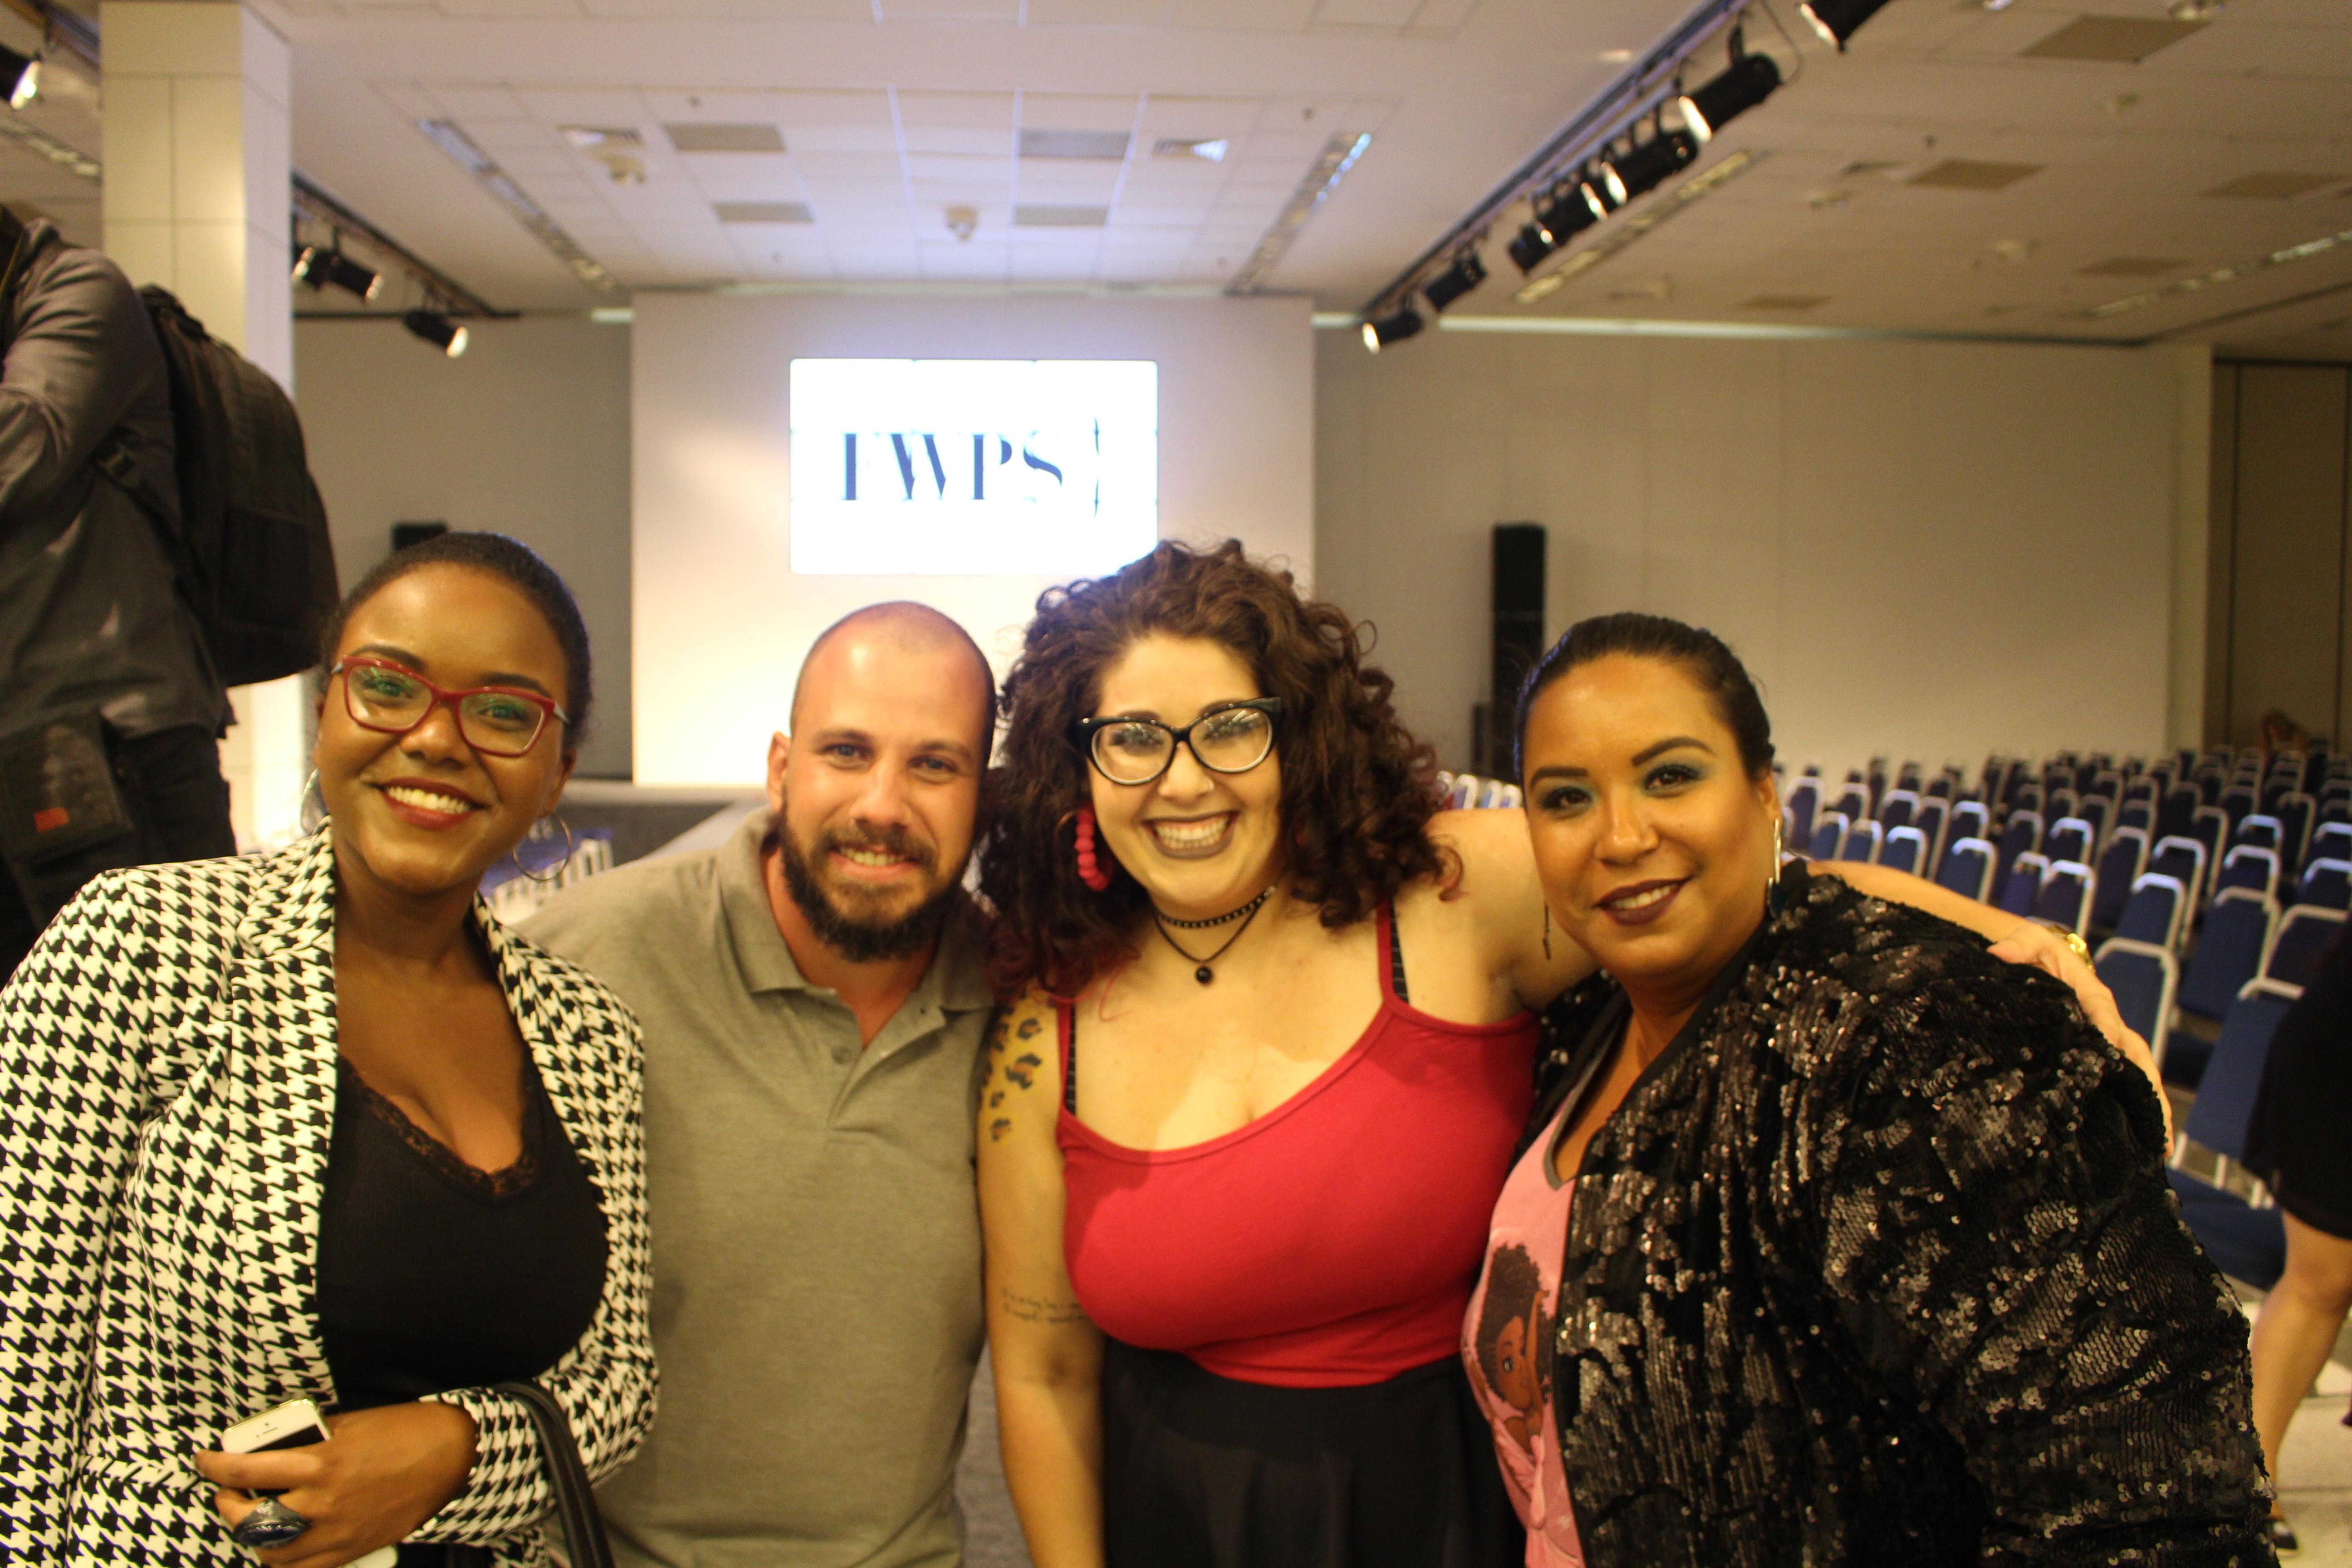 Com os ganhadores do concurso do Blog Rudz Felipe Gulin, jornalista e fotografo e Renata Daes do Blog Coisas de Uma Plus. E tambem com Keylla Brito do Blog Purpurina nas Vaidosas